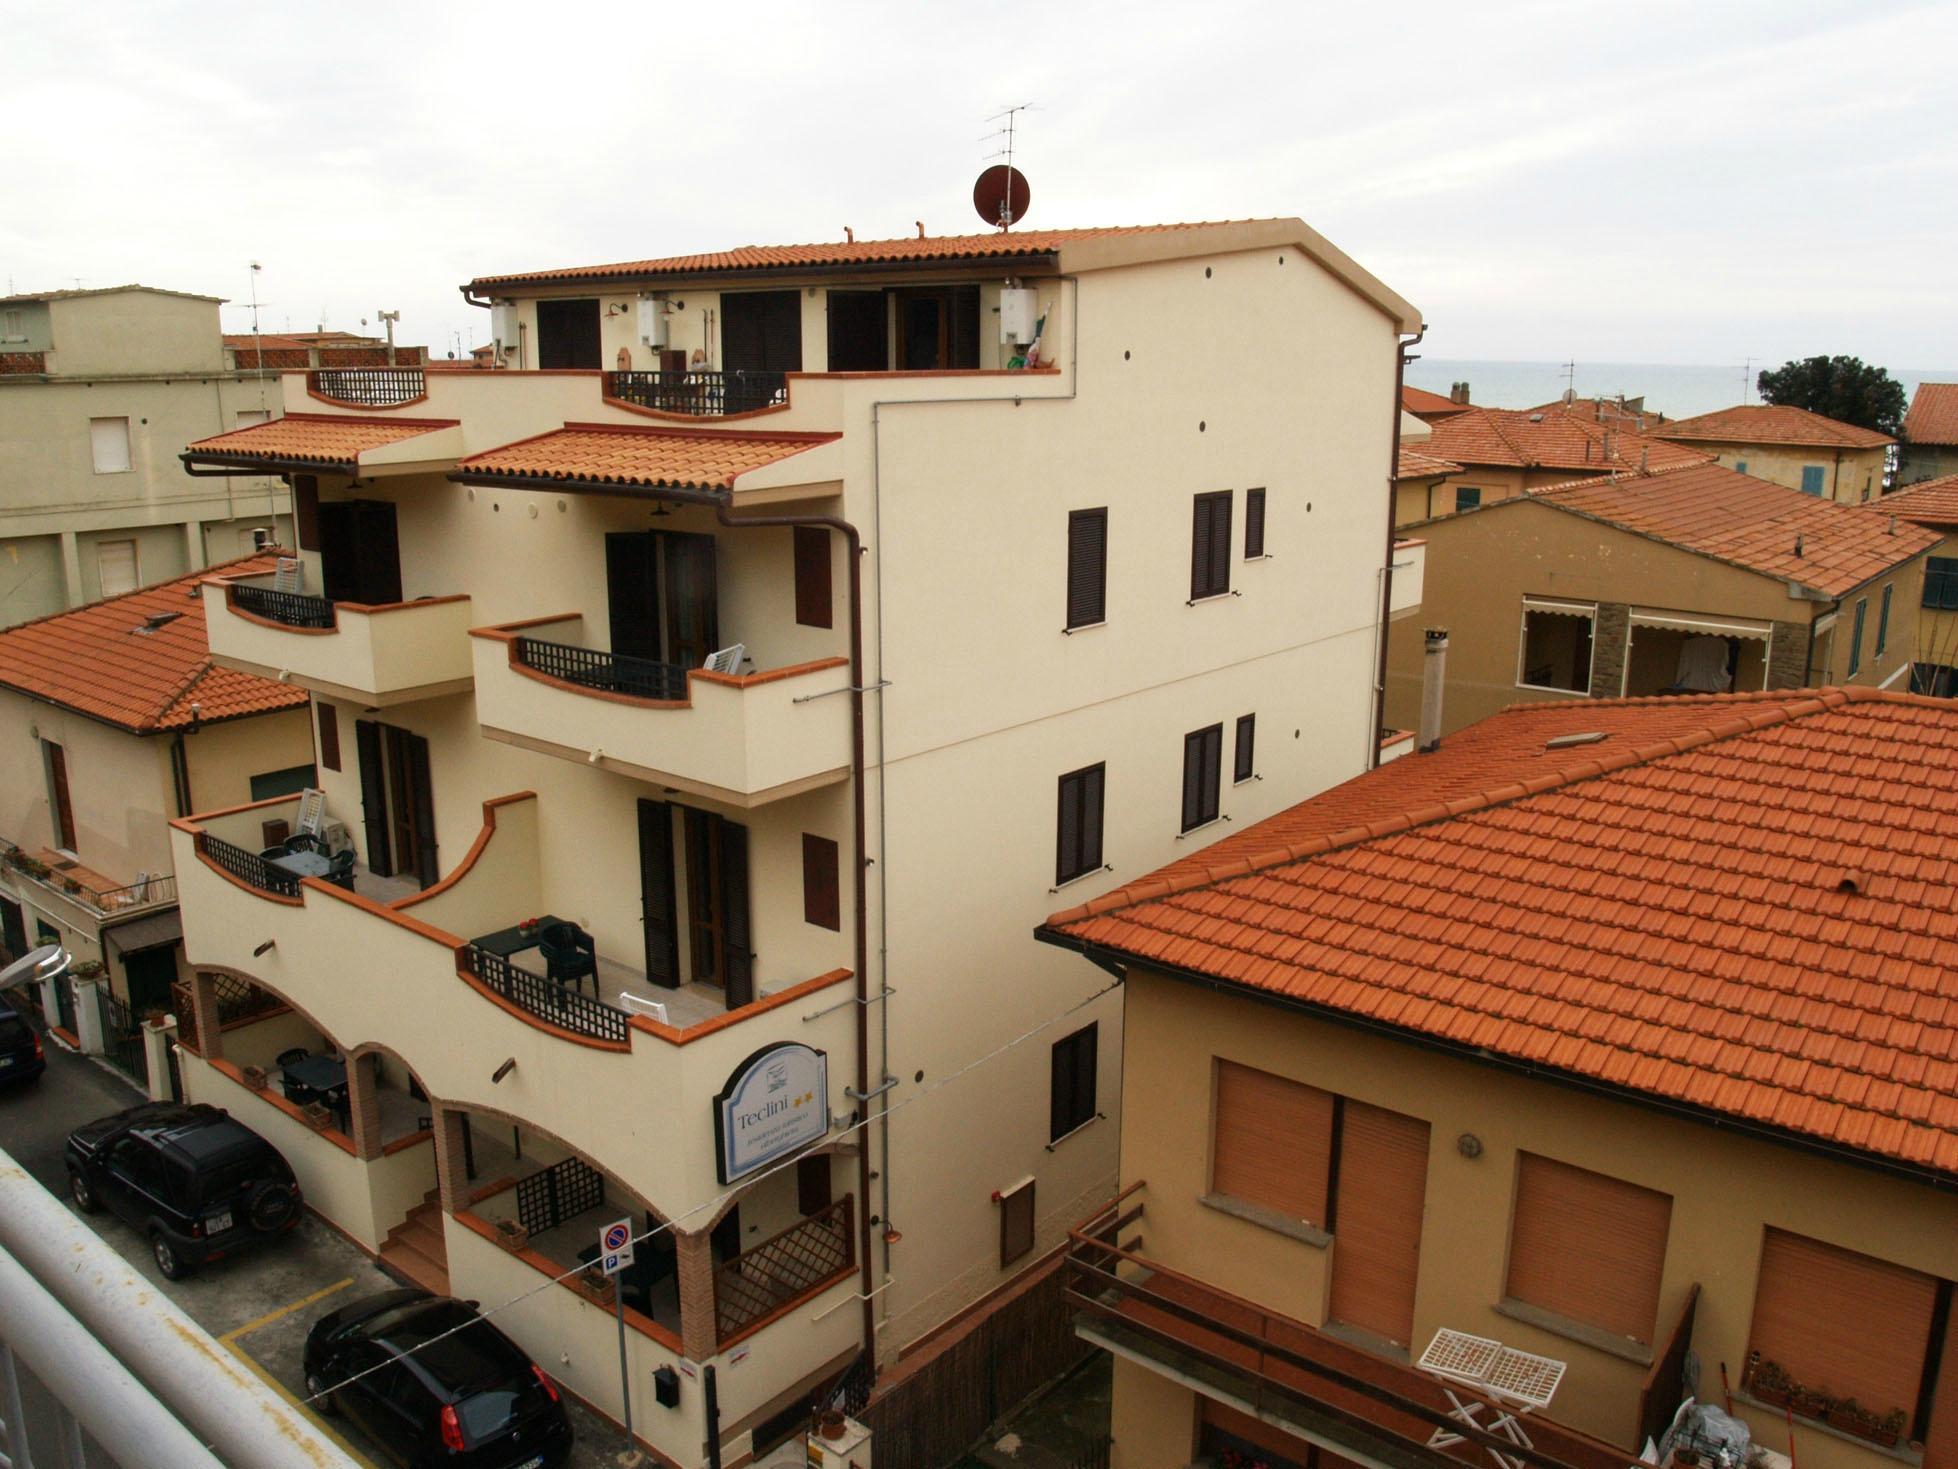 Bagno Balena Castiglione Della Pescaia Prezzi : Residence teclini a castiglione della pescaia prezzi recensioni